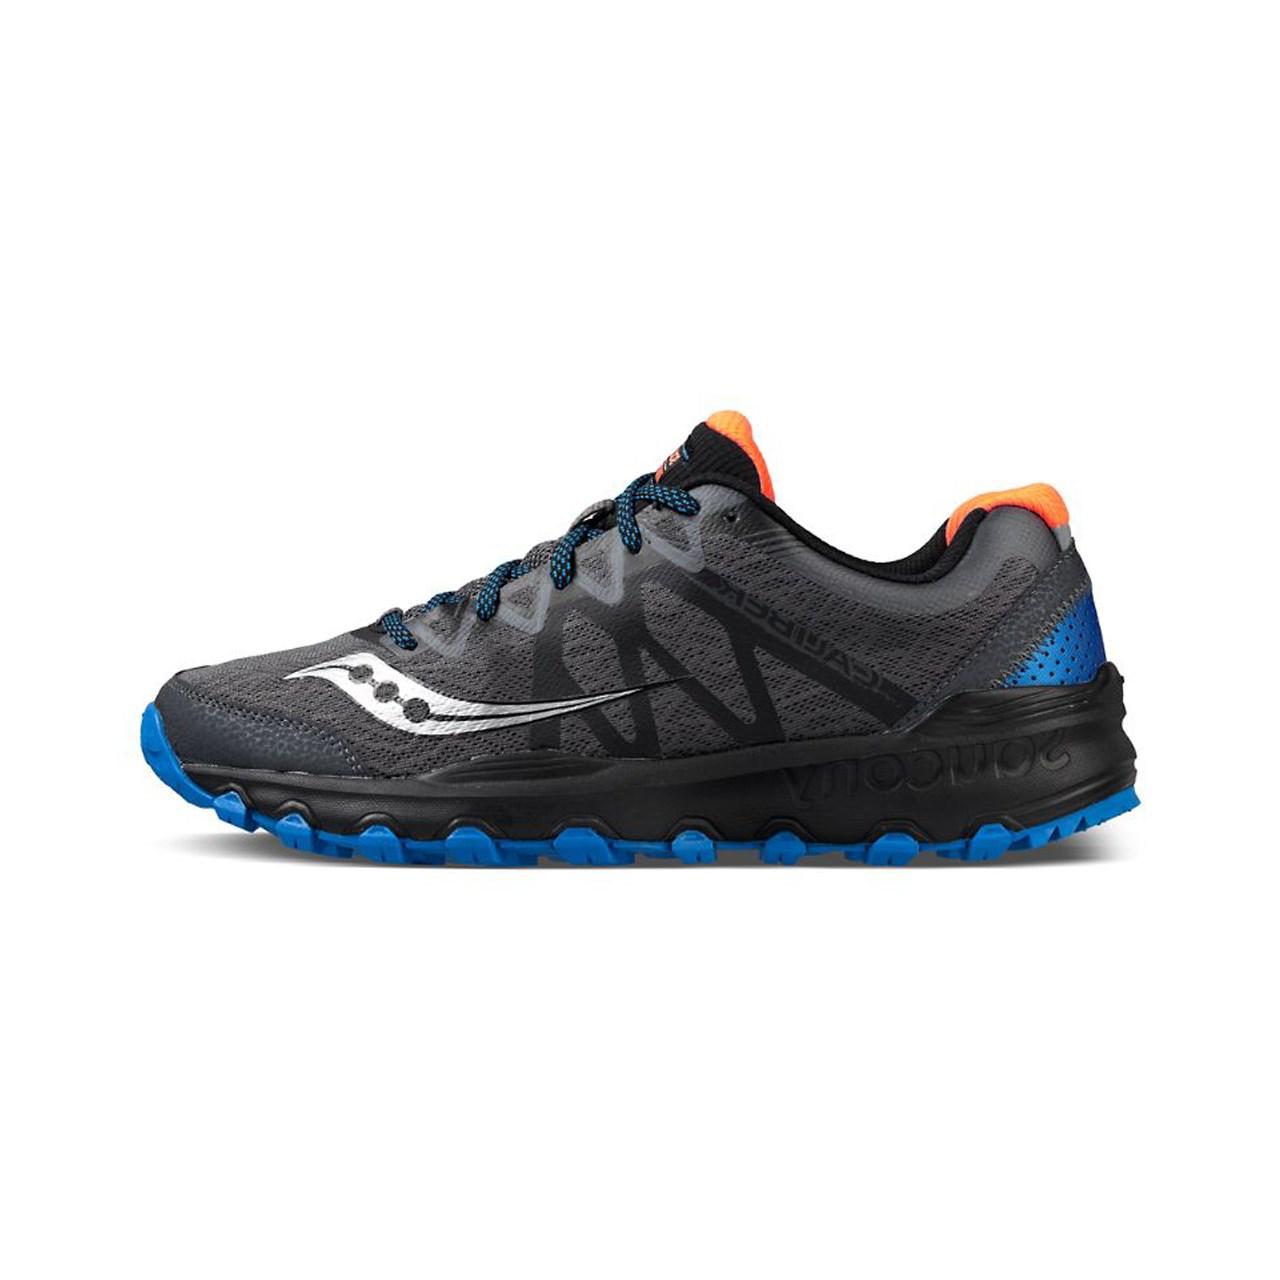 کفش مخصوص دویدن مردانه ساکنی مدل Caliber TR کد S25326-1